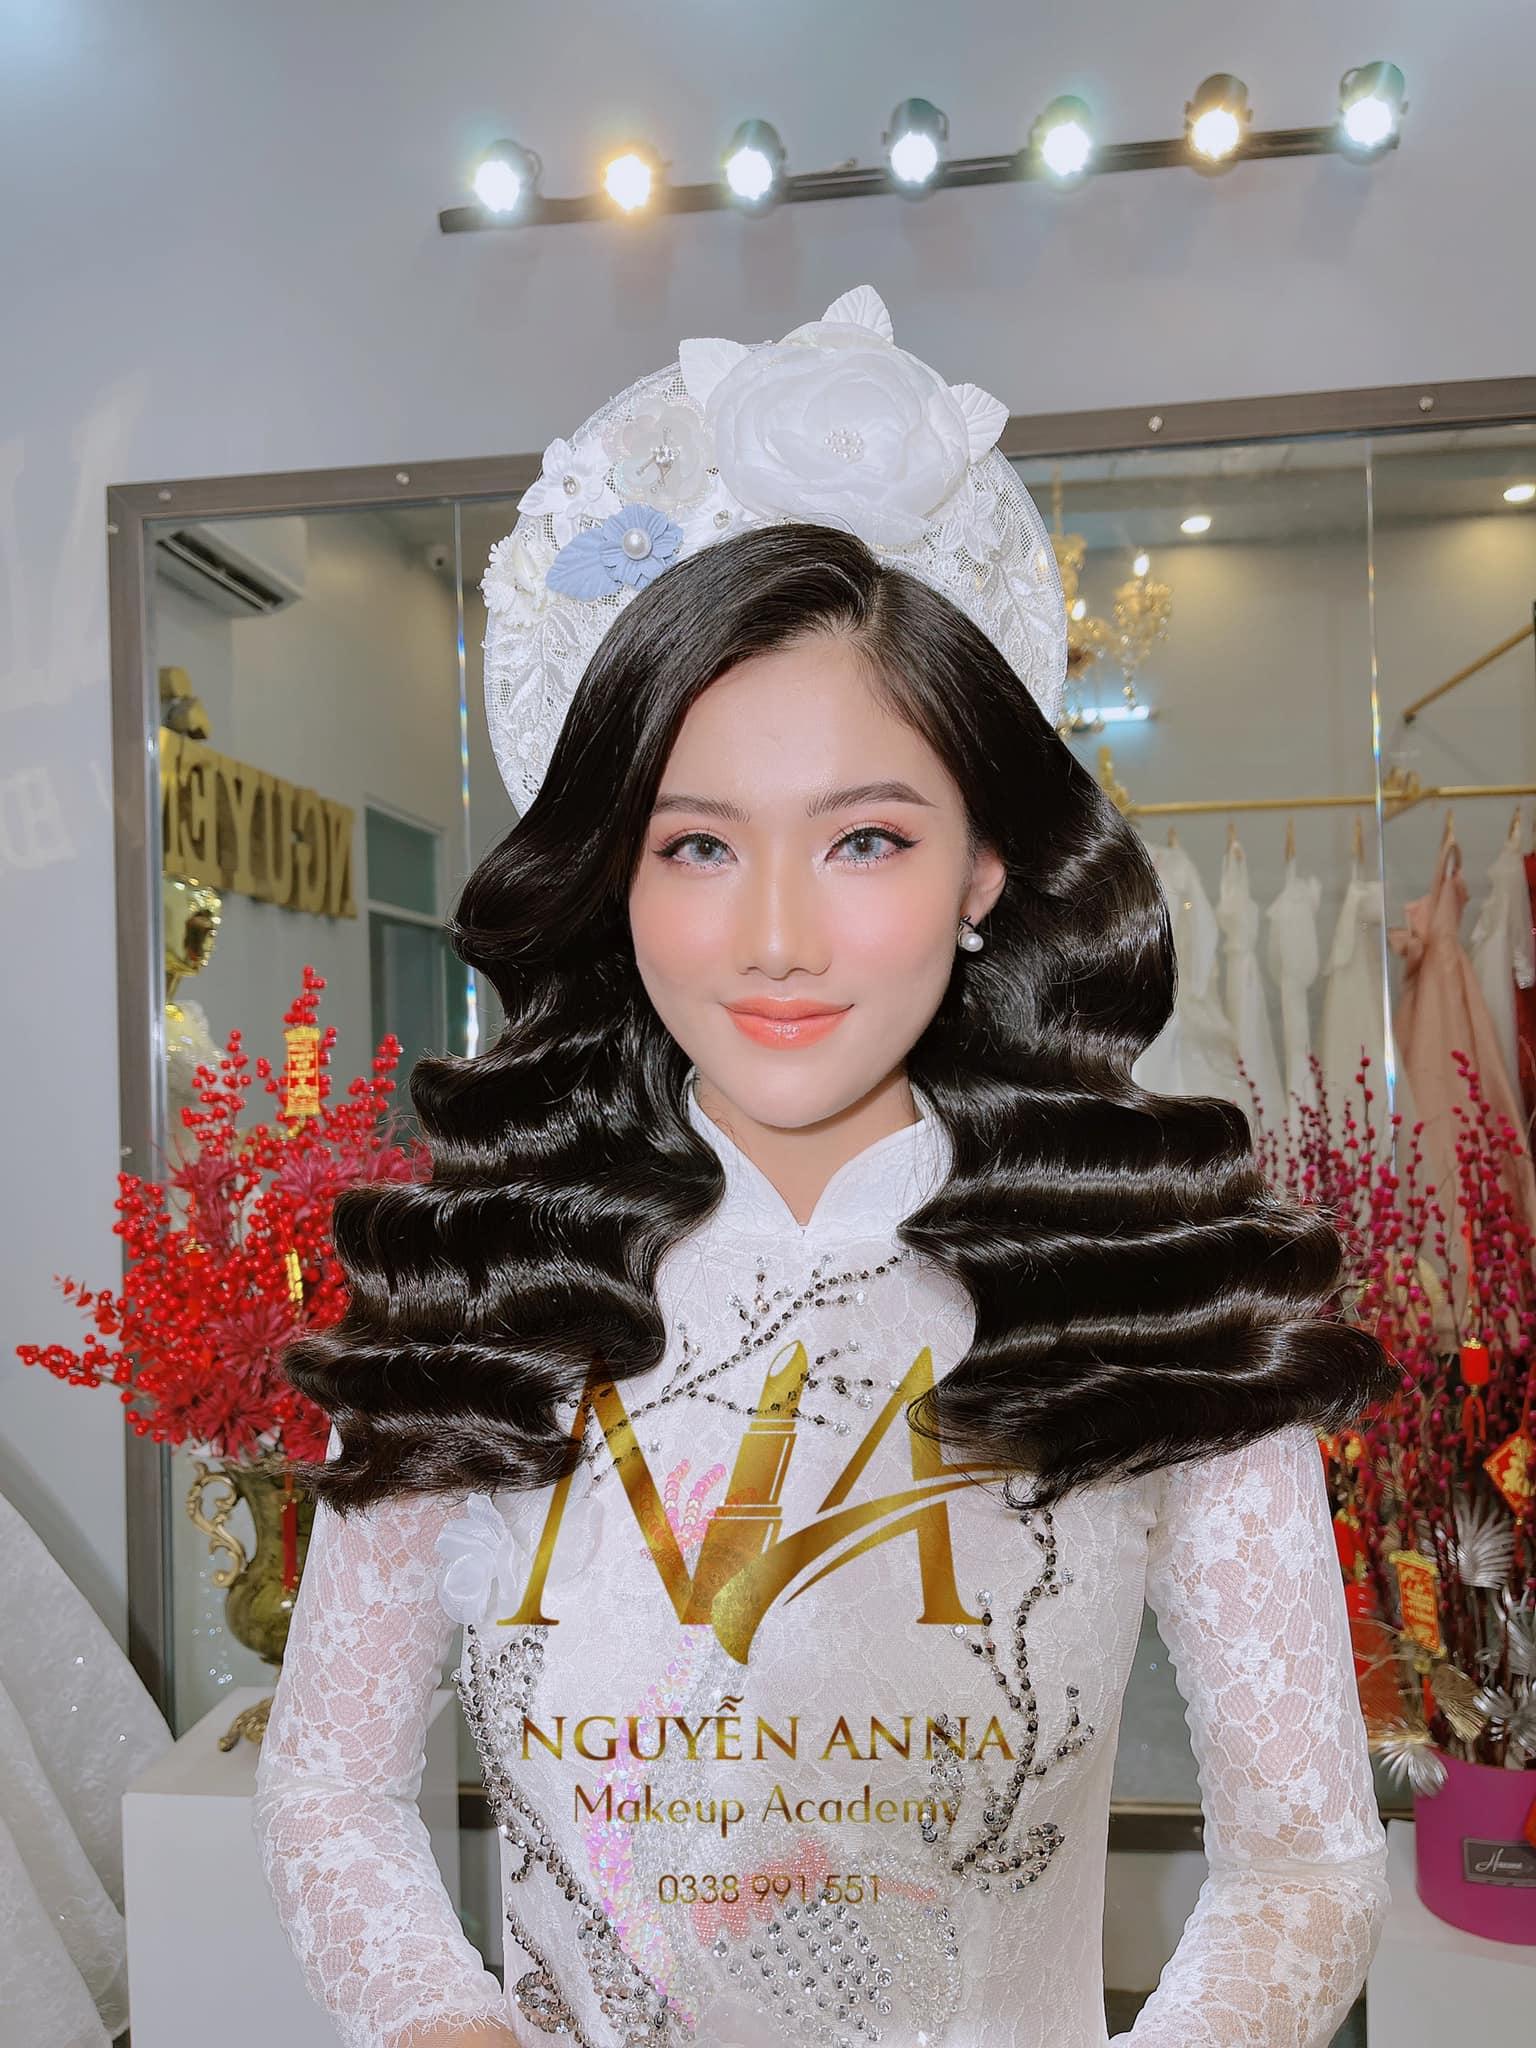 Top 7 tiệm trang điểm cô dâu đẹp nhất tại Cần Thơ -  Nguyễn Anna Makeup